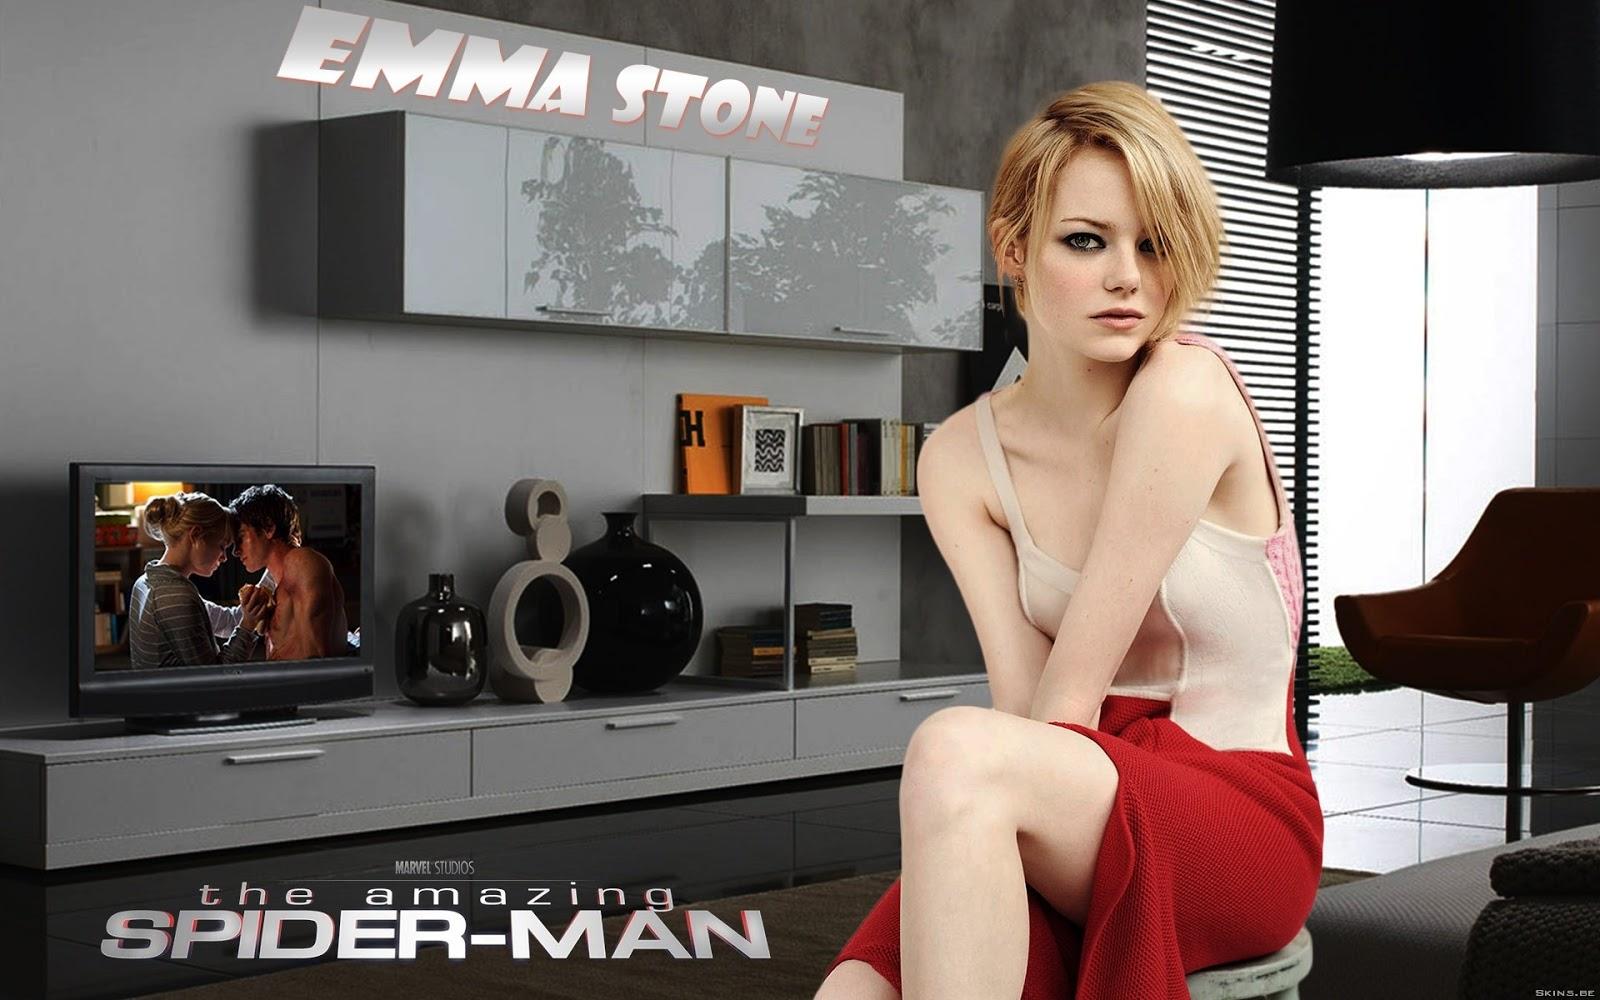 http://1.bp.blogspot.com/-4GG_im4bnXs/UIBl95wWnmI/AAAAAAAAI-E/nv0GXt2D_Jo/s1600/emma_stone_beautiful_from_asm_2012-1920x1200.jpg